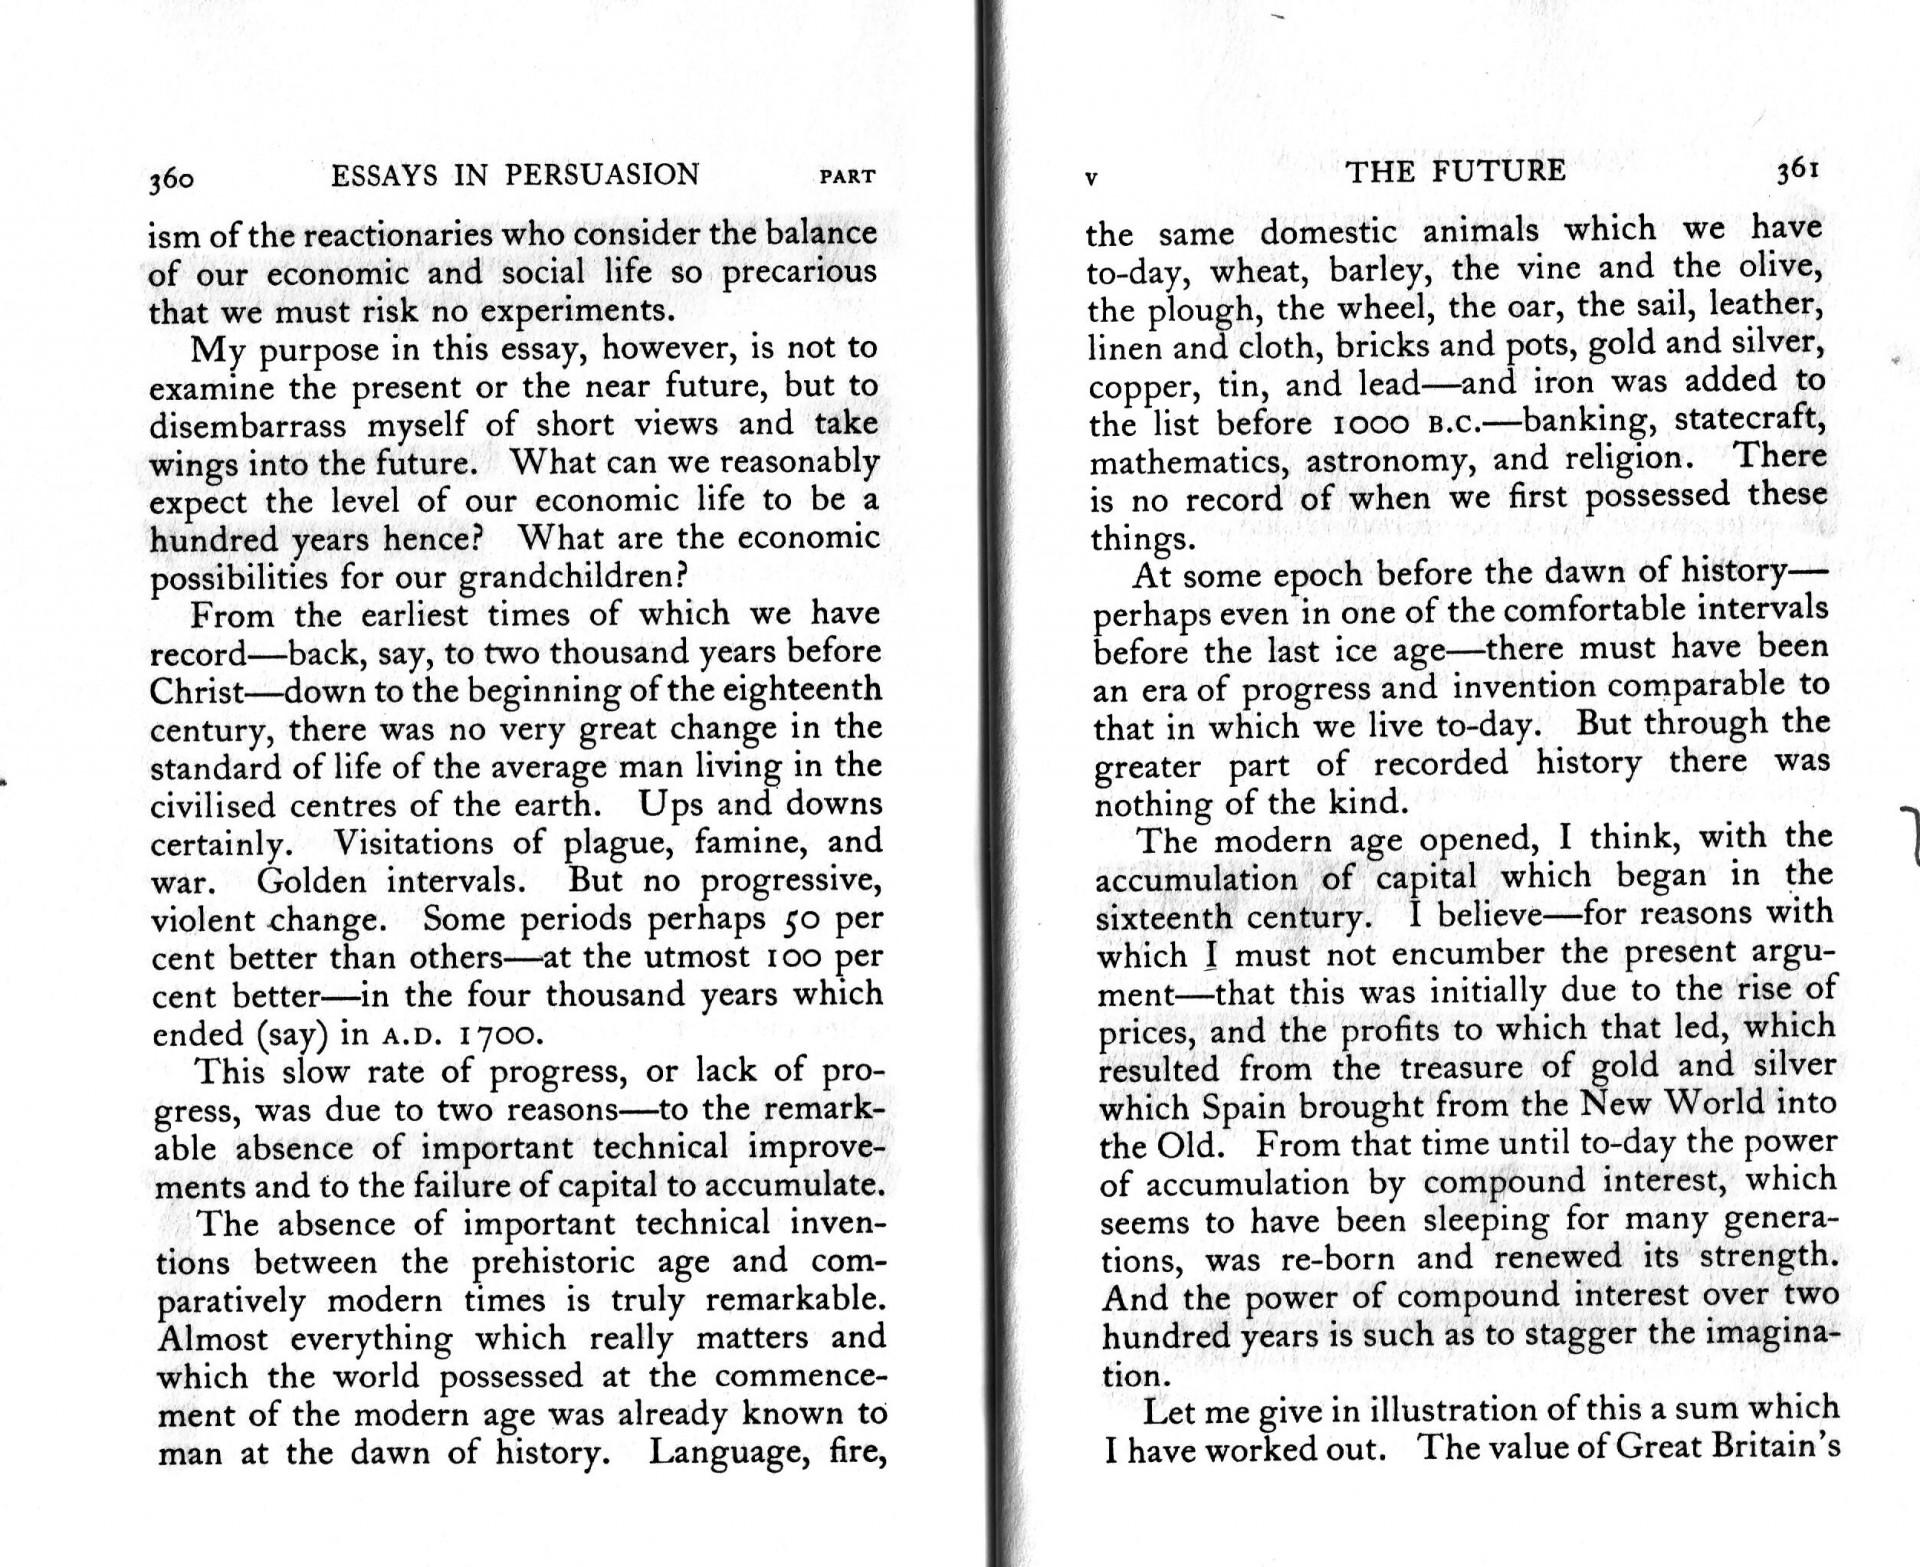 022 Essay Example Essays In Remarkable Persuasion Audiobook Pdf John Maynard Keynes Summary 1920